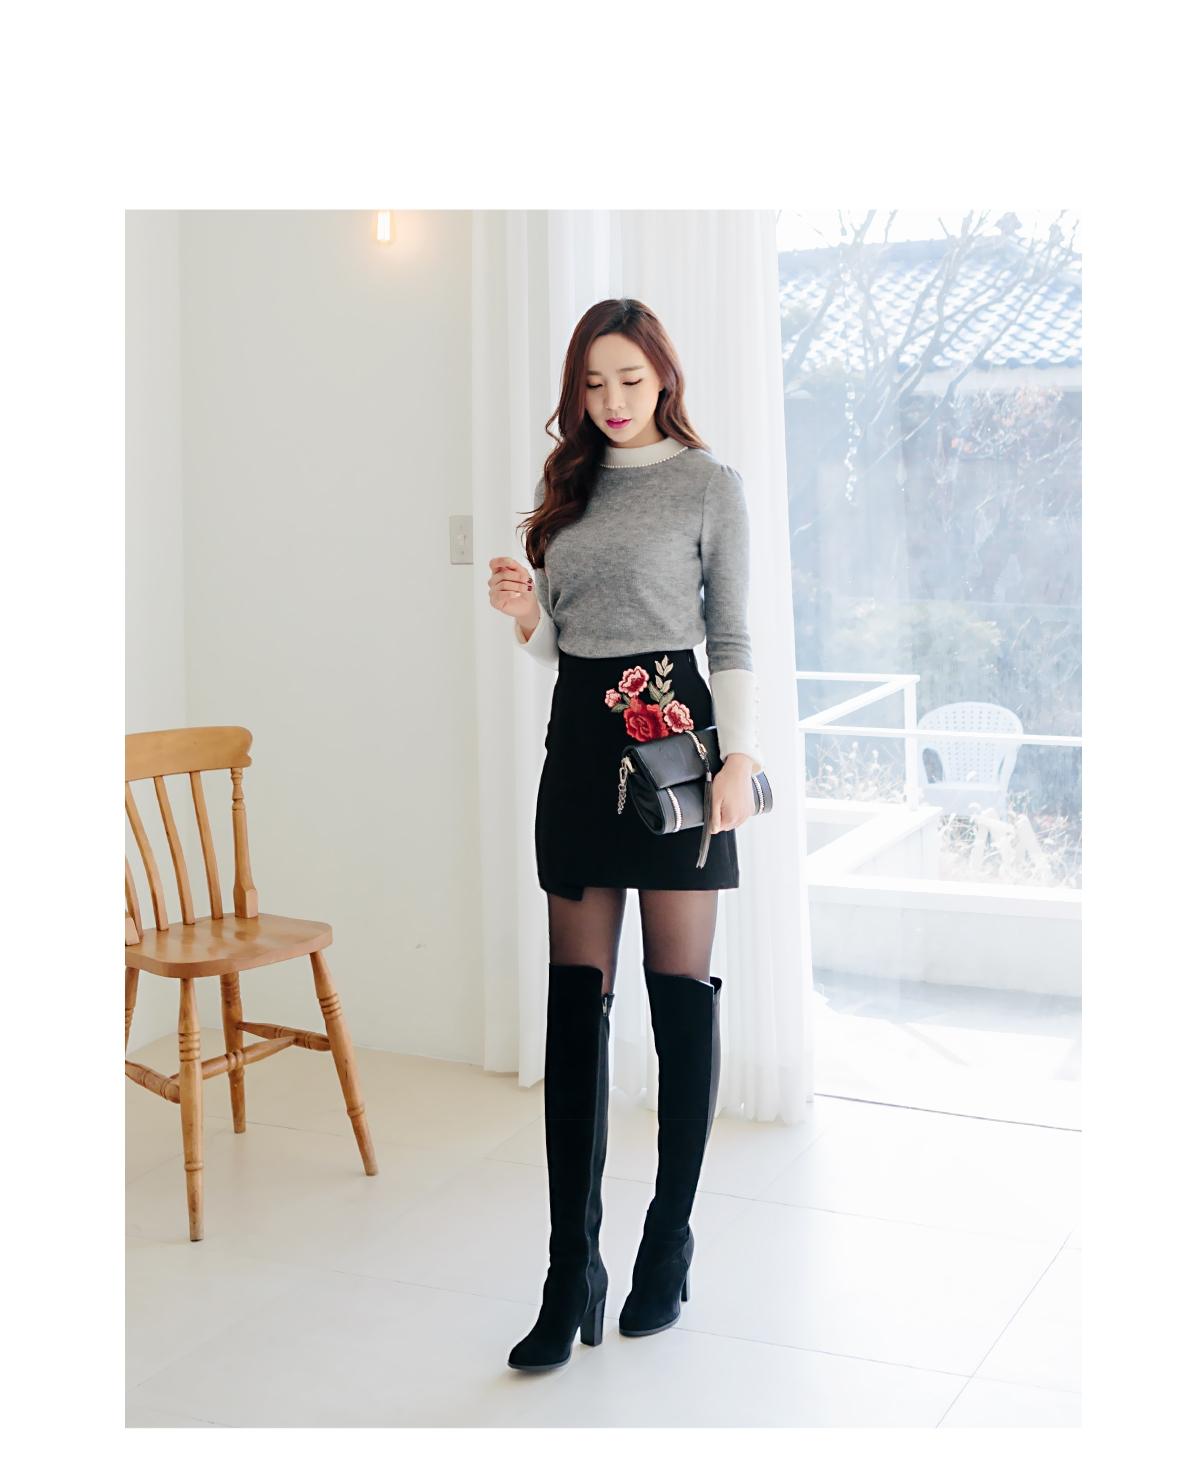 redopin-韩国可爱搭配韩版冬季魅力珍珠韩国代购毛衣针织衫女装2017年